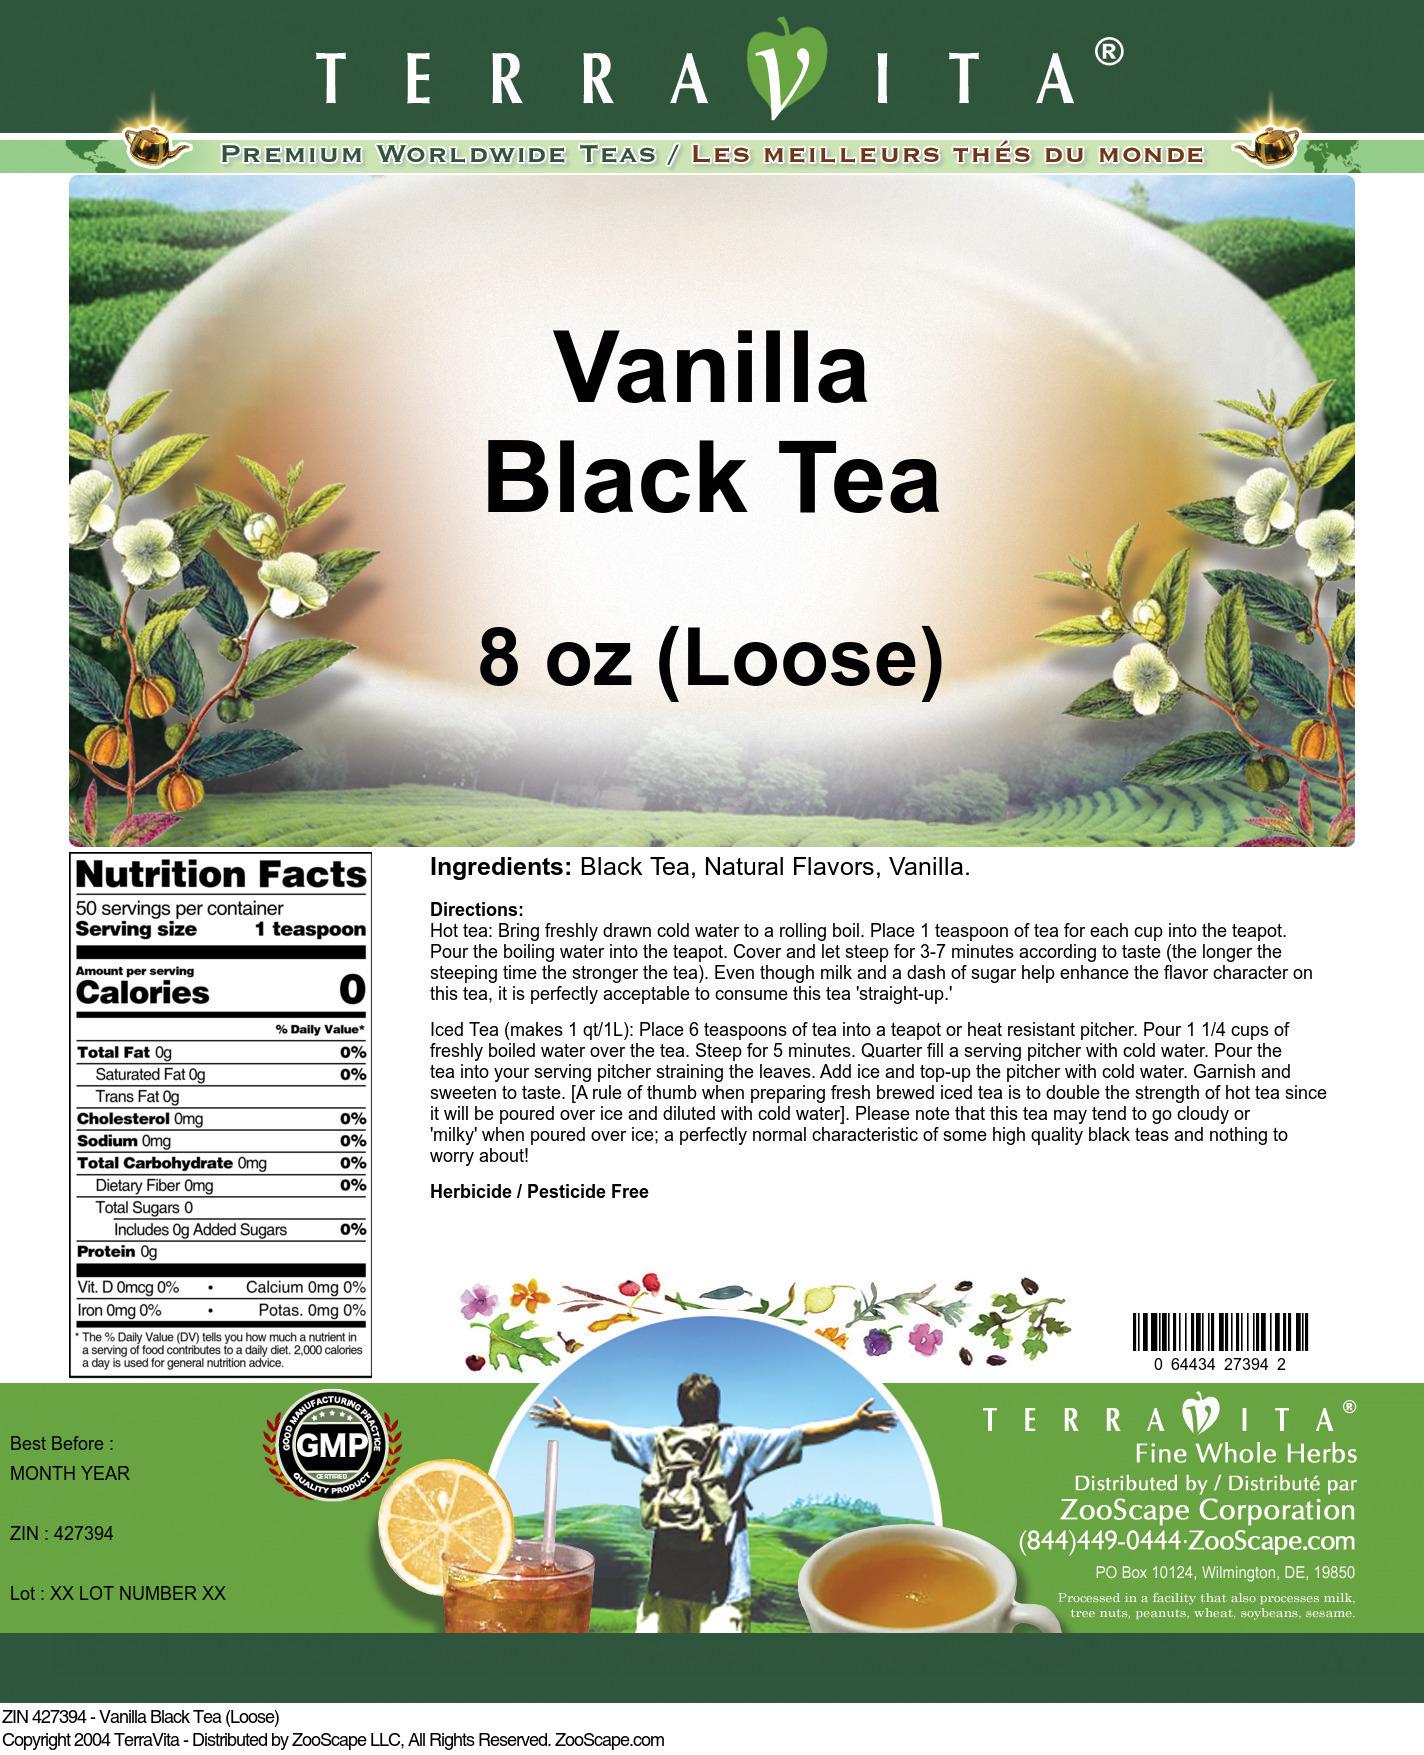 Vanilla Black Tea (Loose)